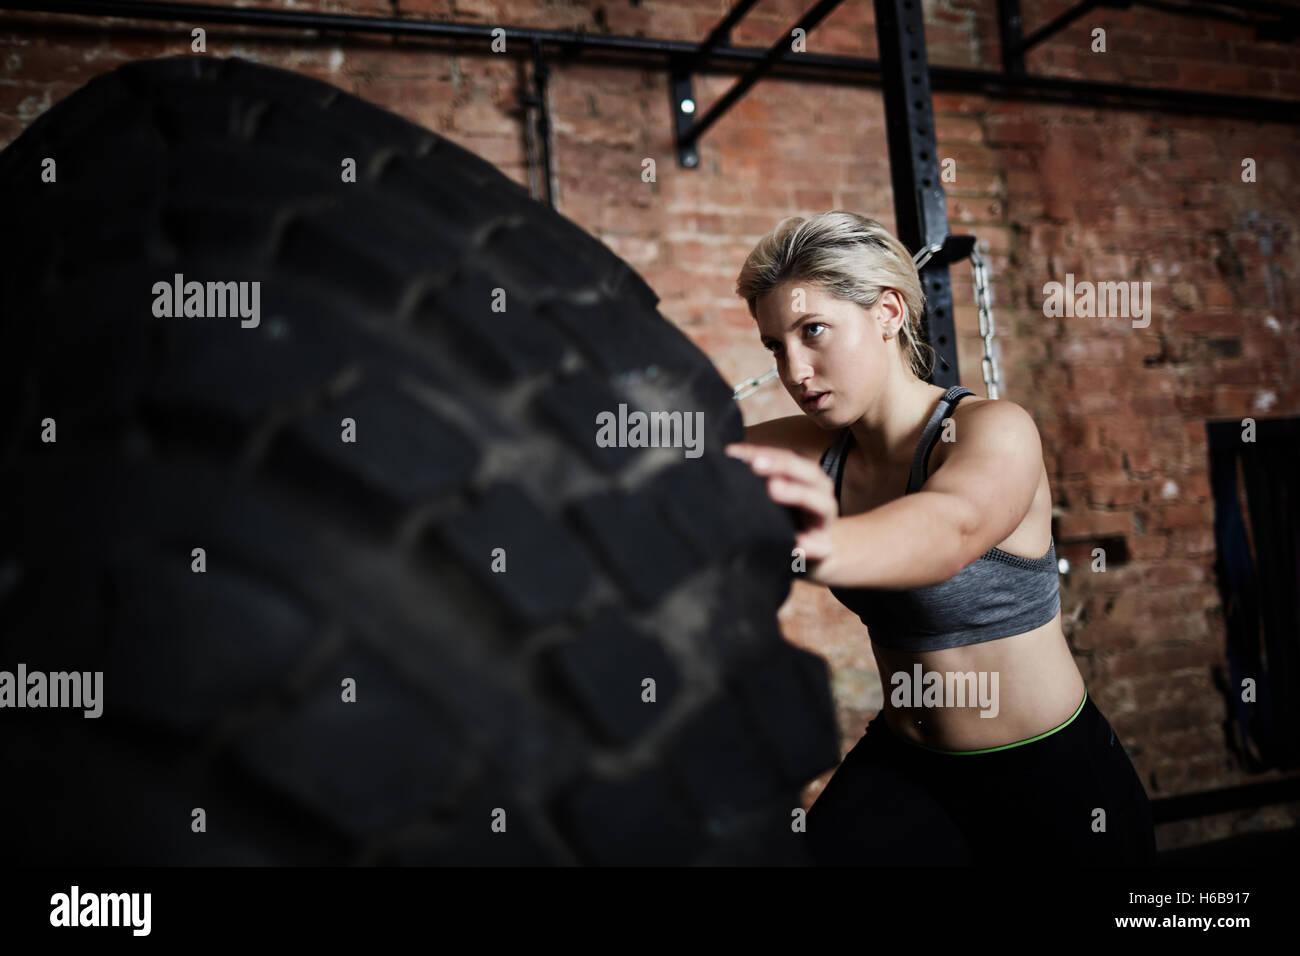 L'exercice avec un pneumatique Banque D'Images